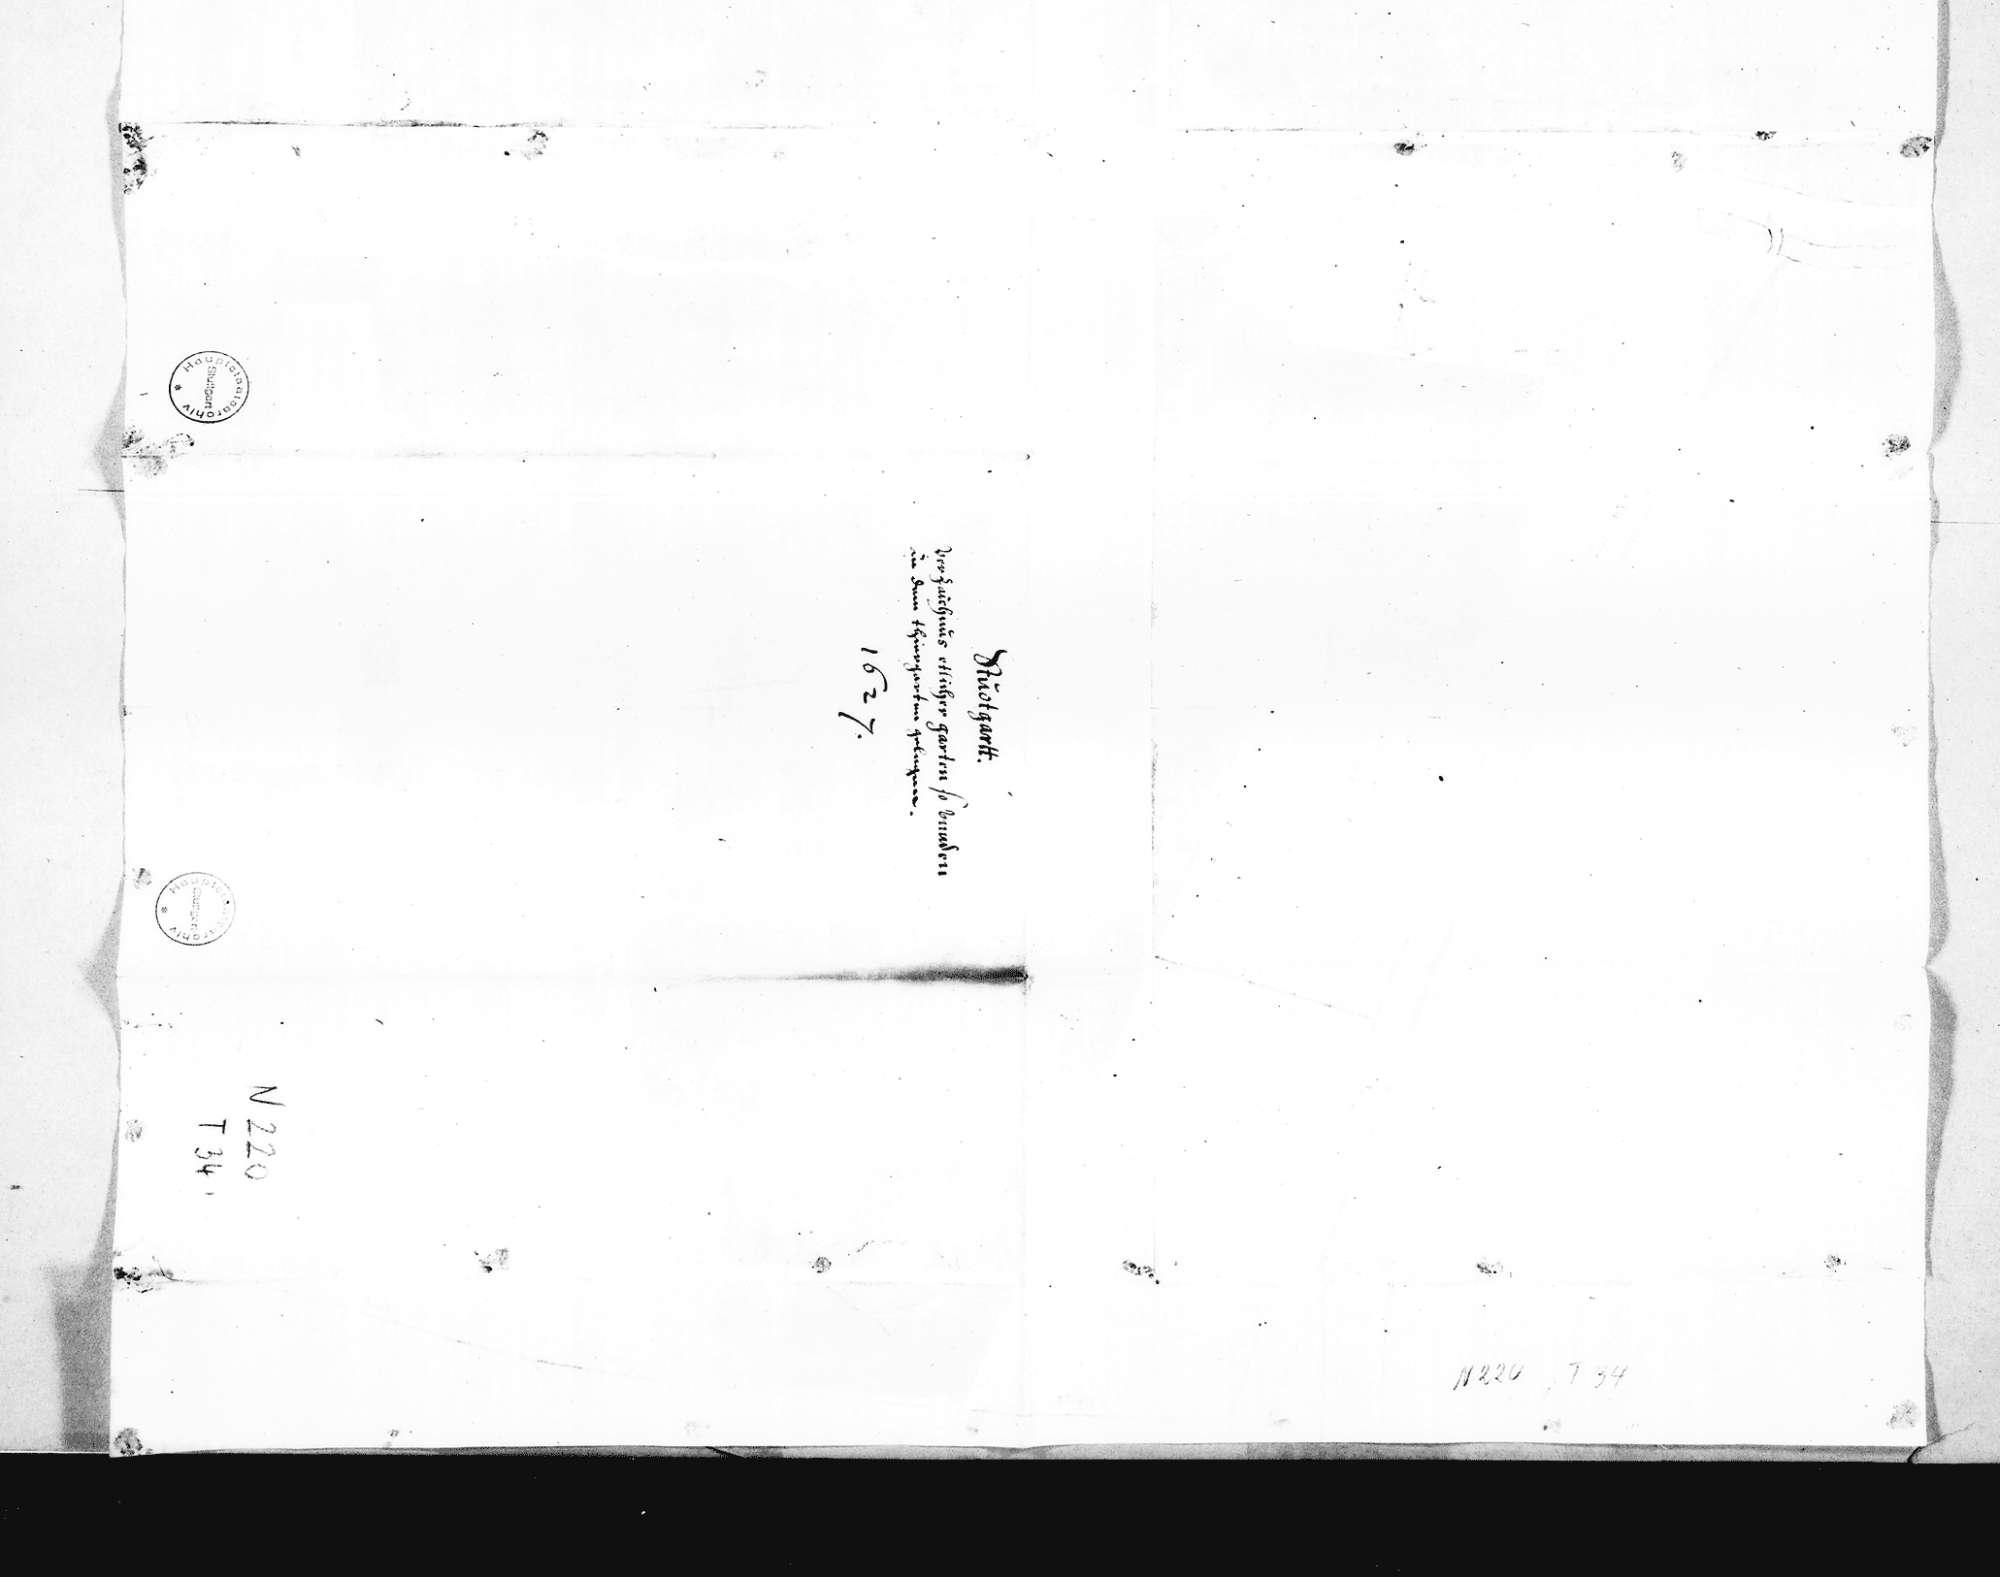 """Lageplan der Gärten bei dem Fürstlichen Tiergarten (56 x 50,5 cm), grün kolorierte Flächen: Fürstlicher Gras- und Baumgarten, """"F. Gn. geliebter gemahlen Garten"""", """"F. Gn. Bereitäcker"""" u. a. anschließend an den Lustgarten und das Pomeranzenhaus, Bild 2"""